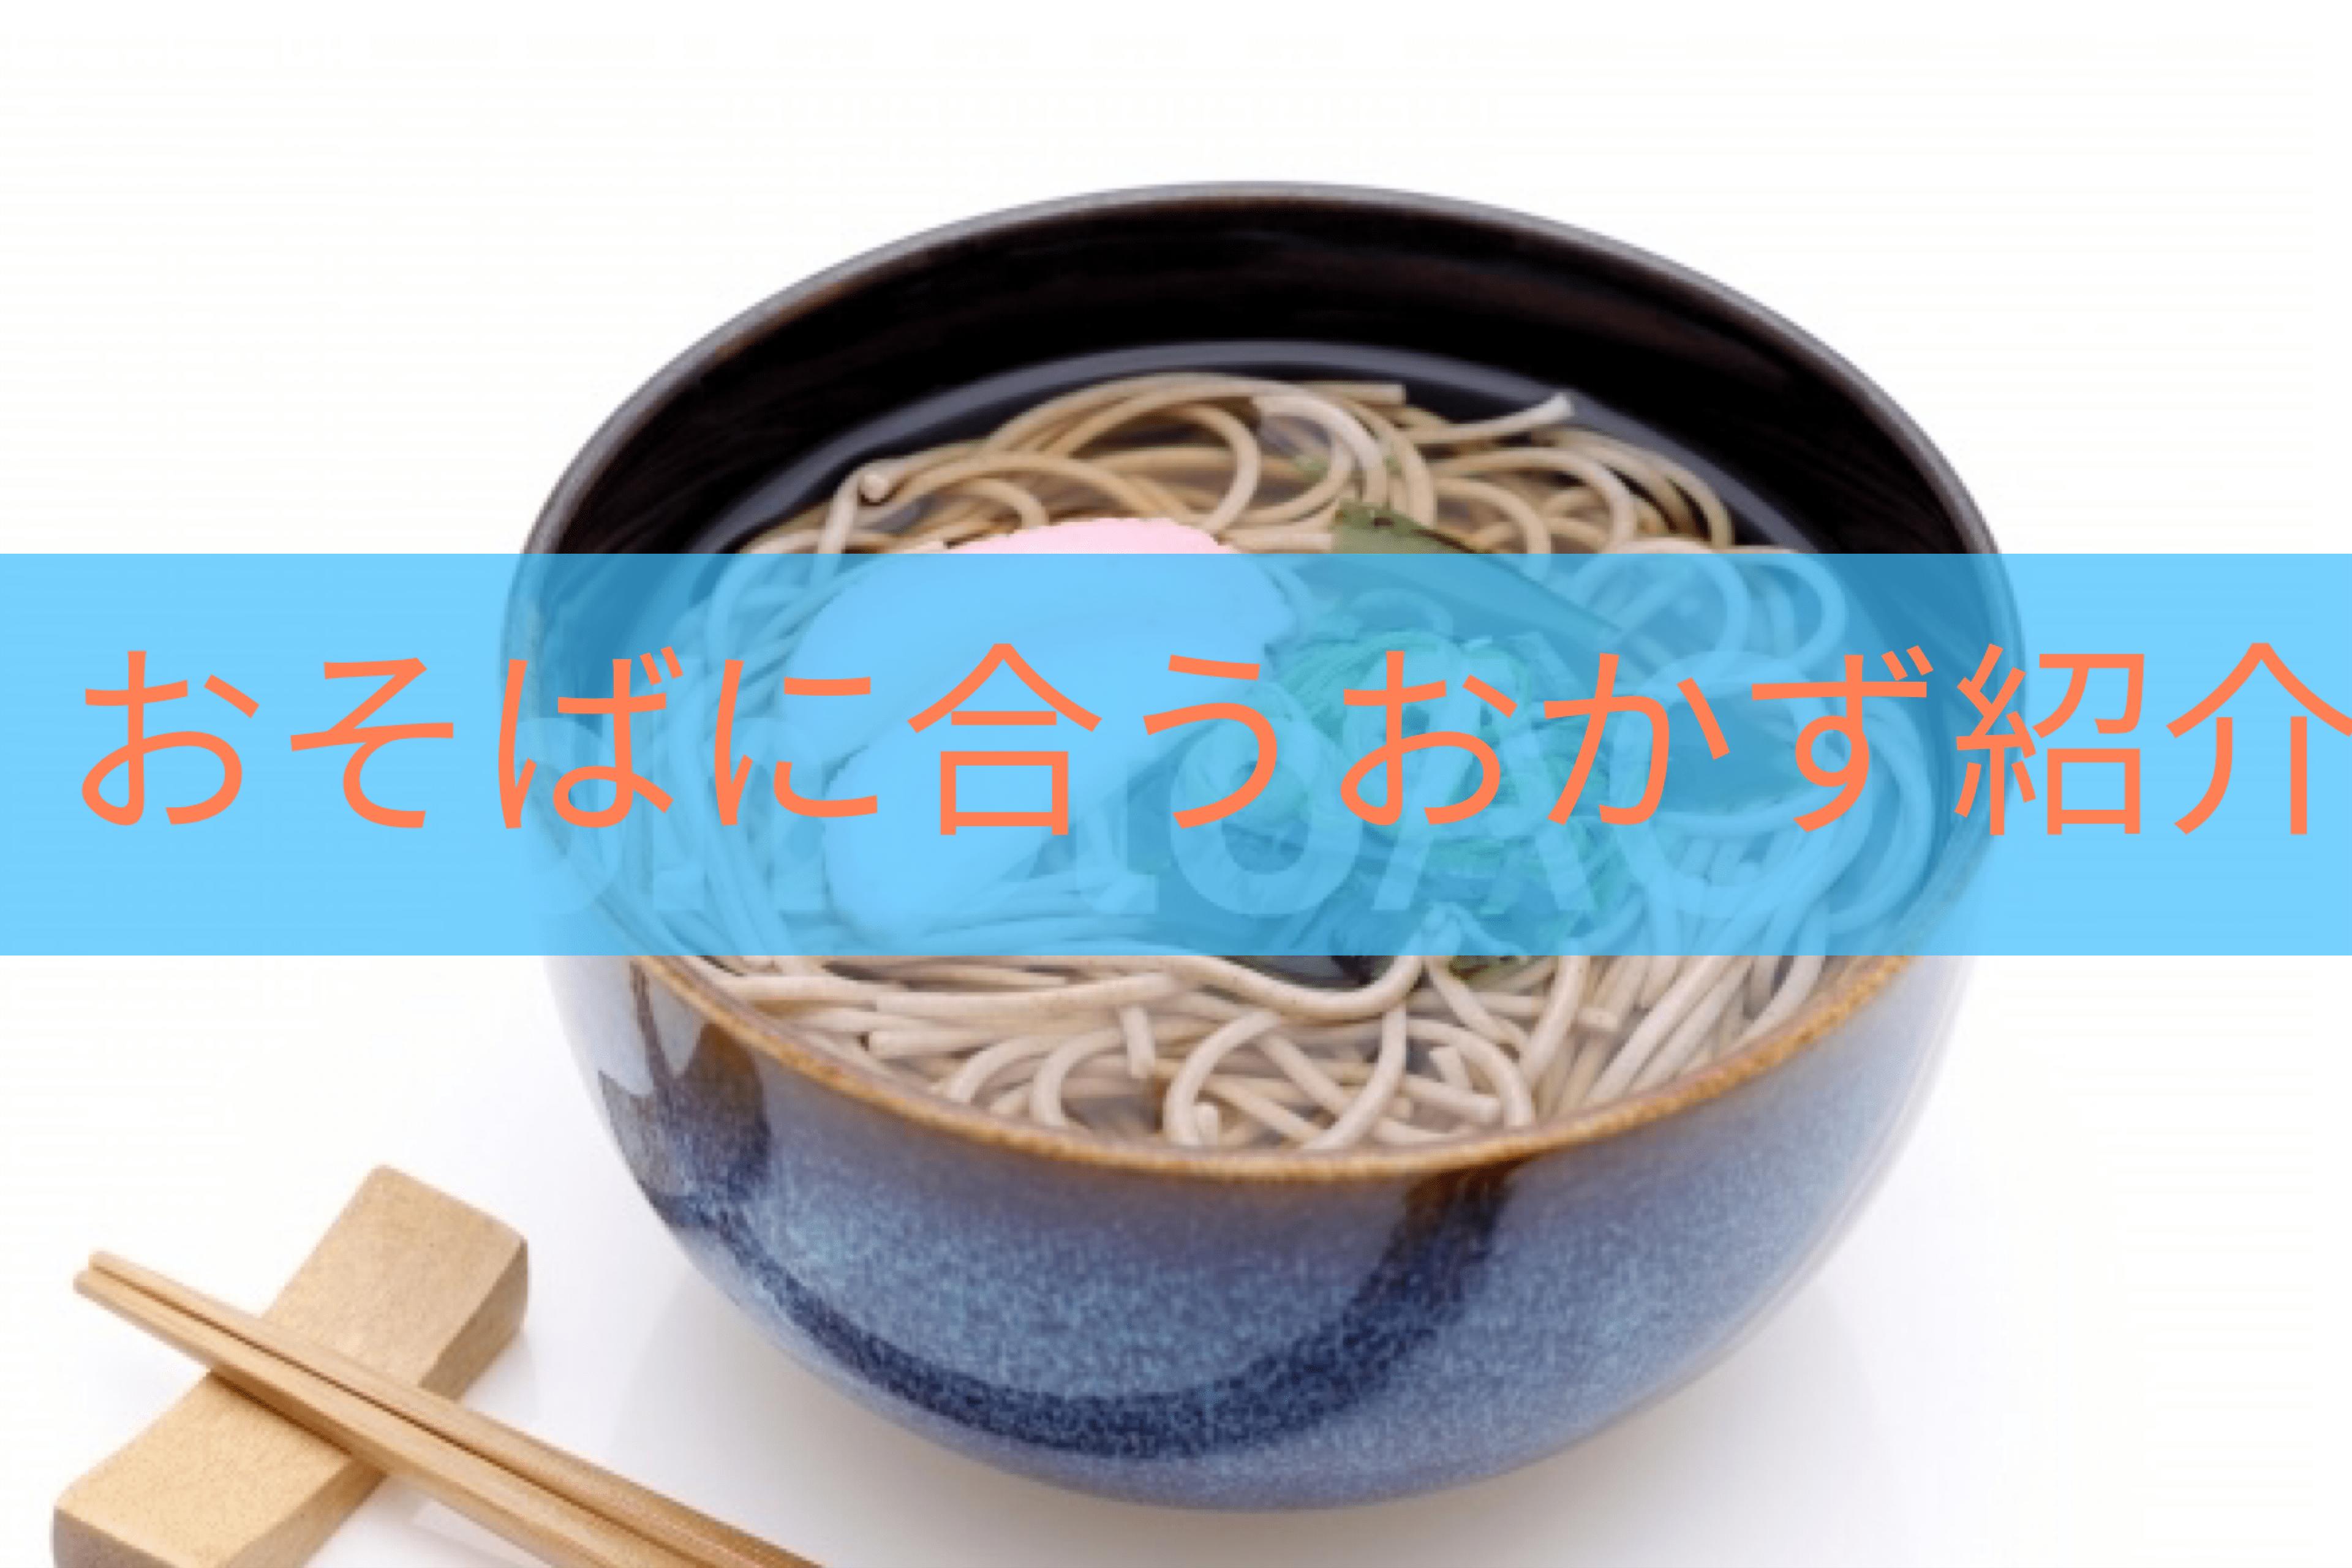 おそばに合うおかずって天ぷら以外何があるの?